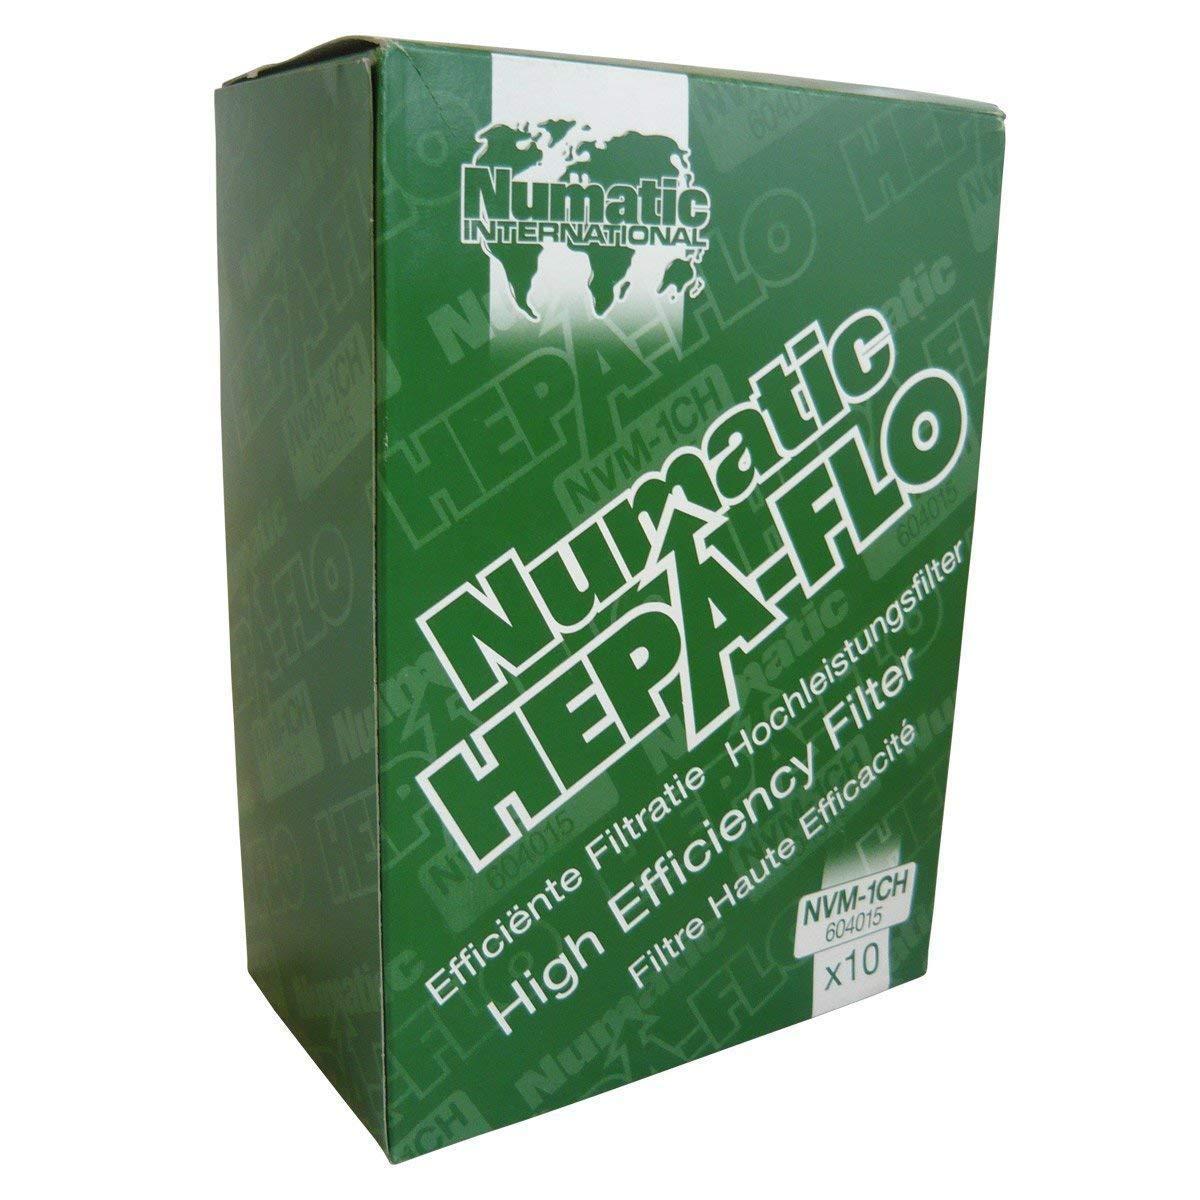 Numatic NVM-1CH - Bolsas con filtro HEPA para aspiradoras, paquete de 10 unidades